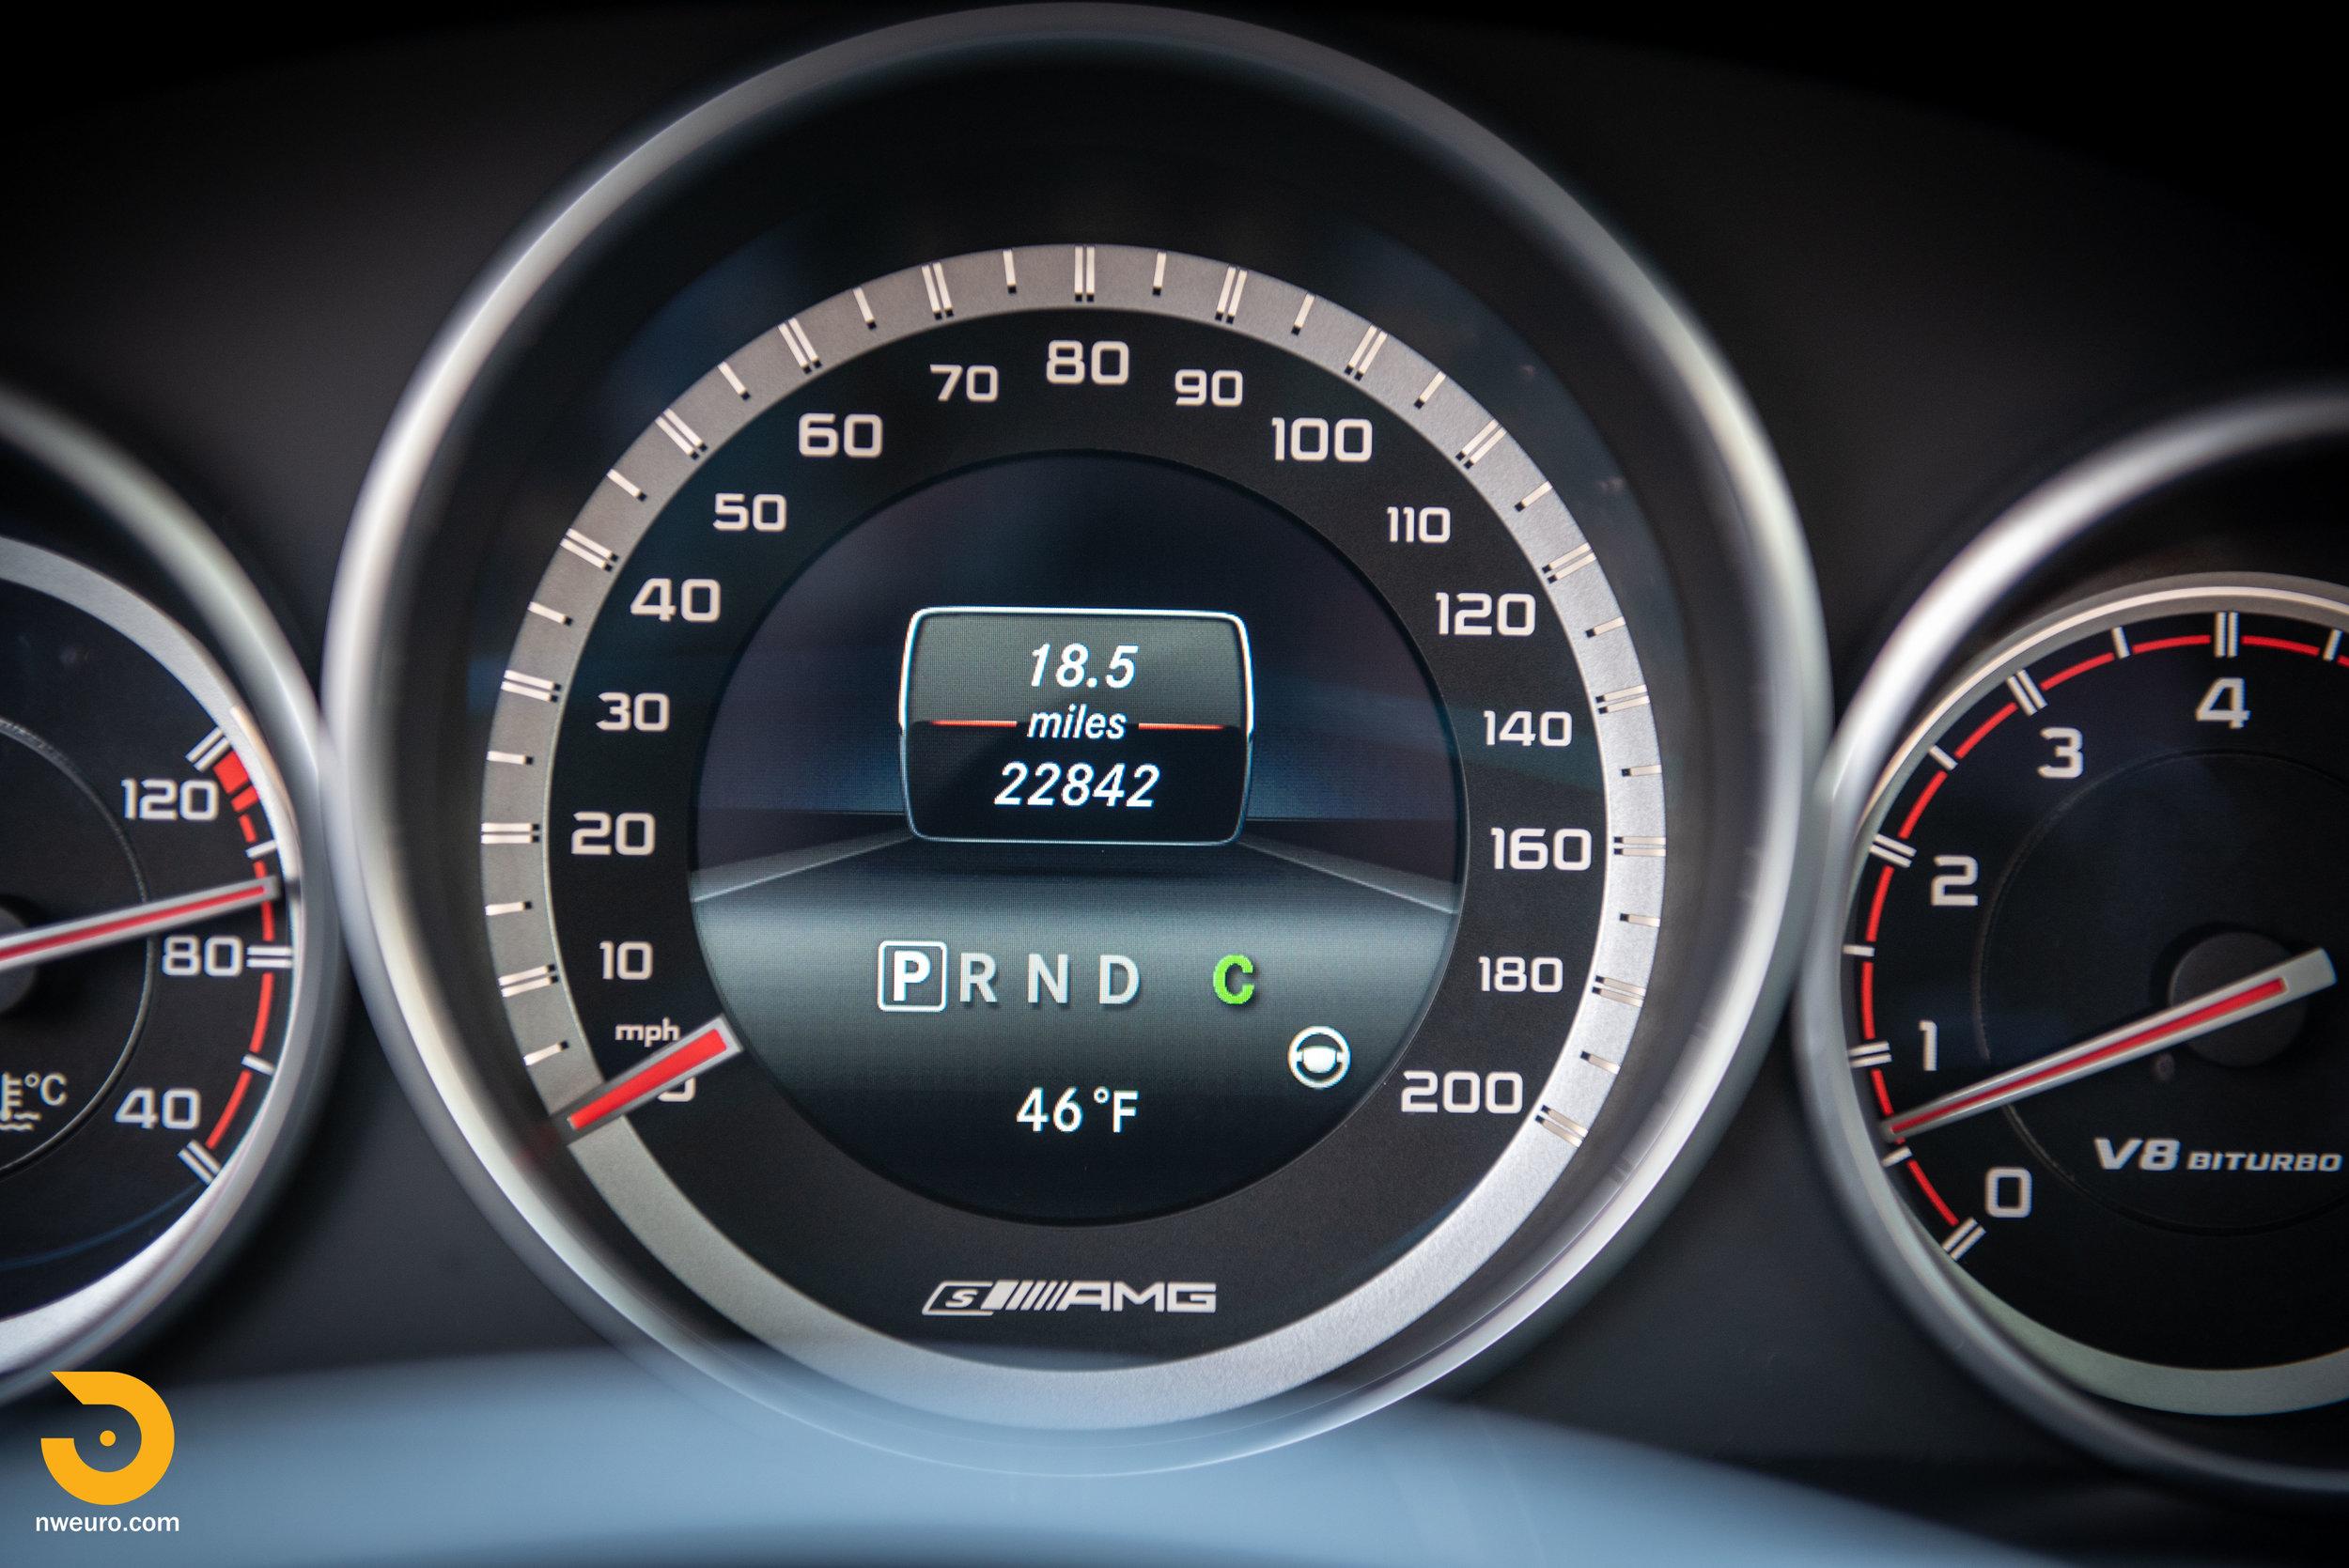 2016 Mercedes-Benz E63S Wagon-69.jpg